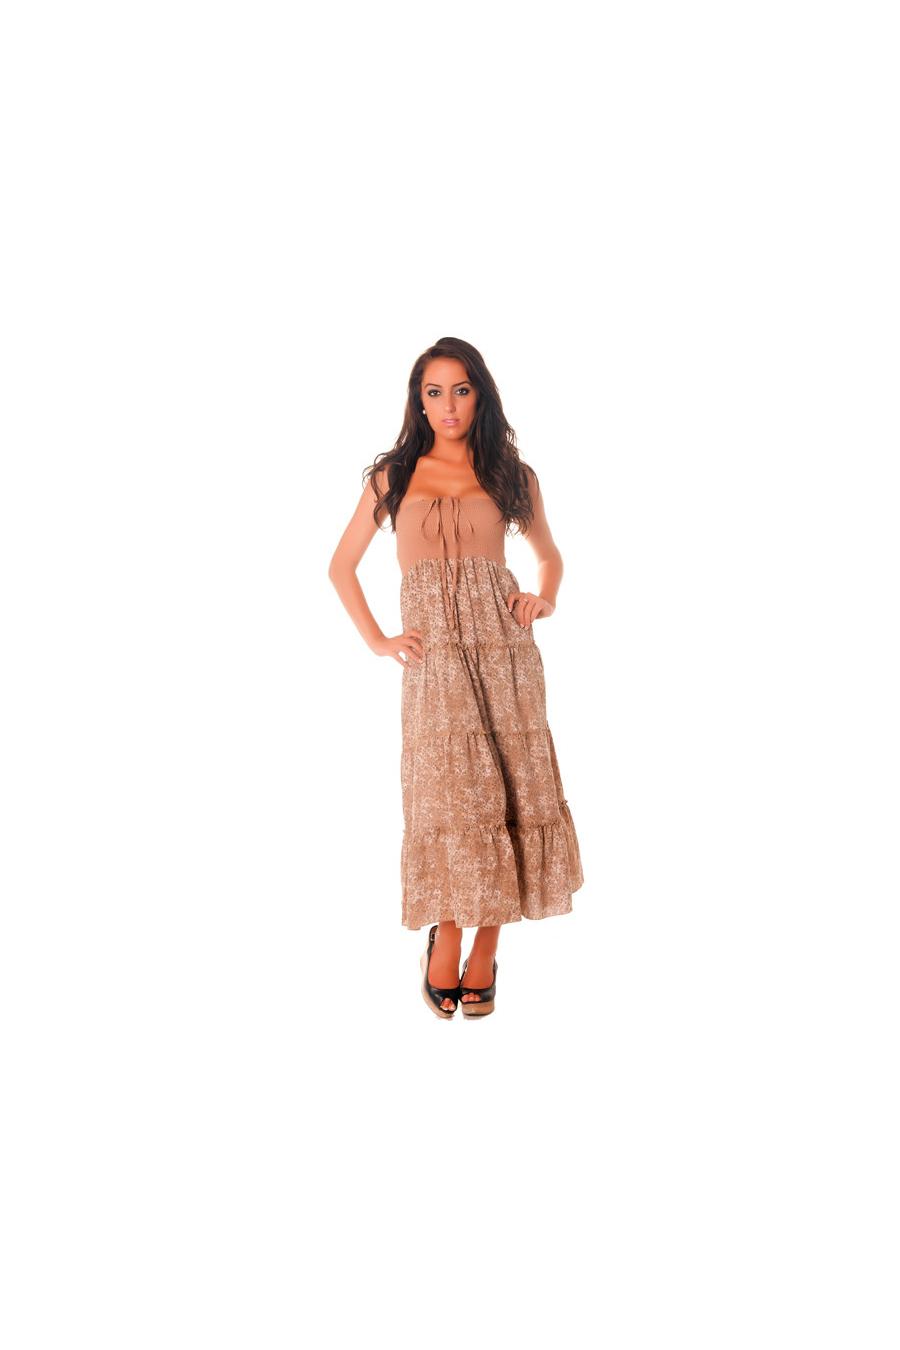 Schitterende taupe jurk met kleine bloemmotieven perfect voor de zomer. D1214